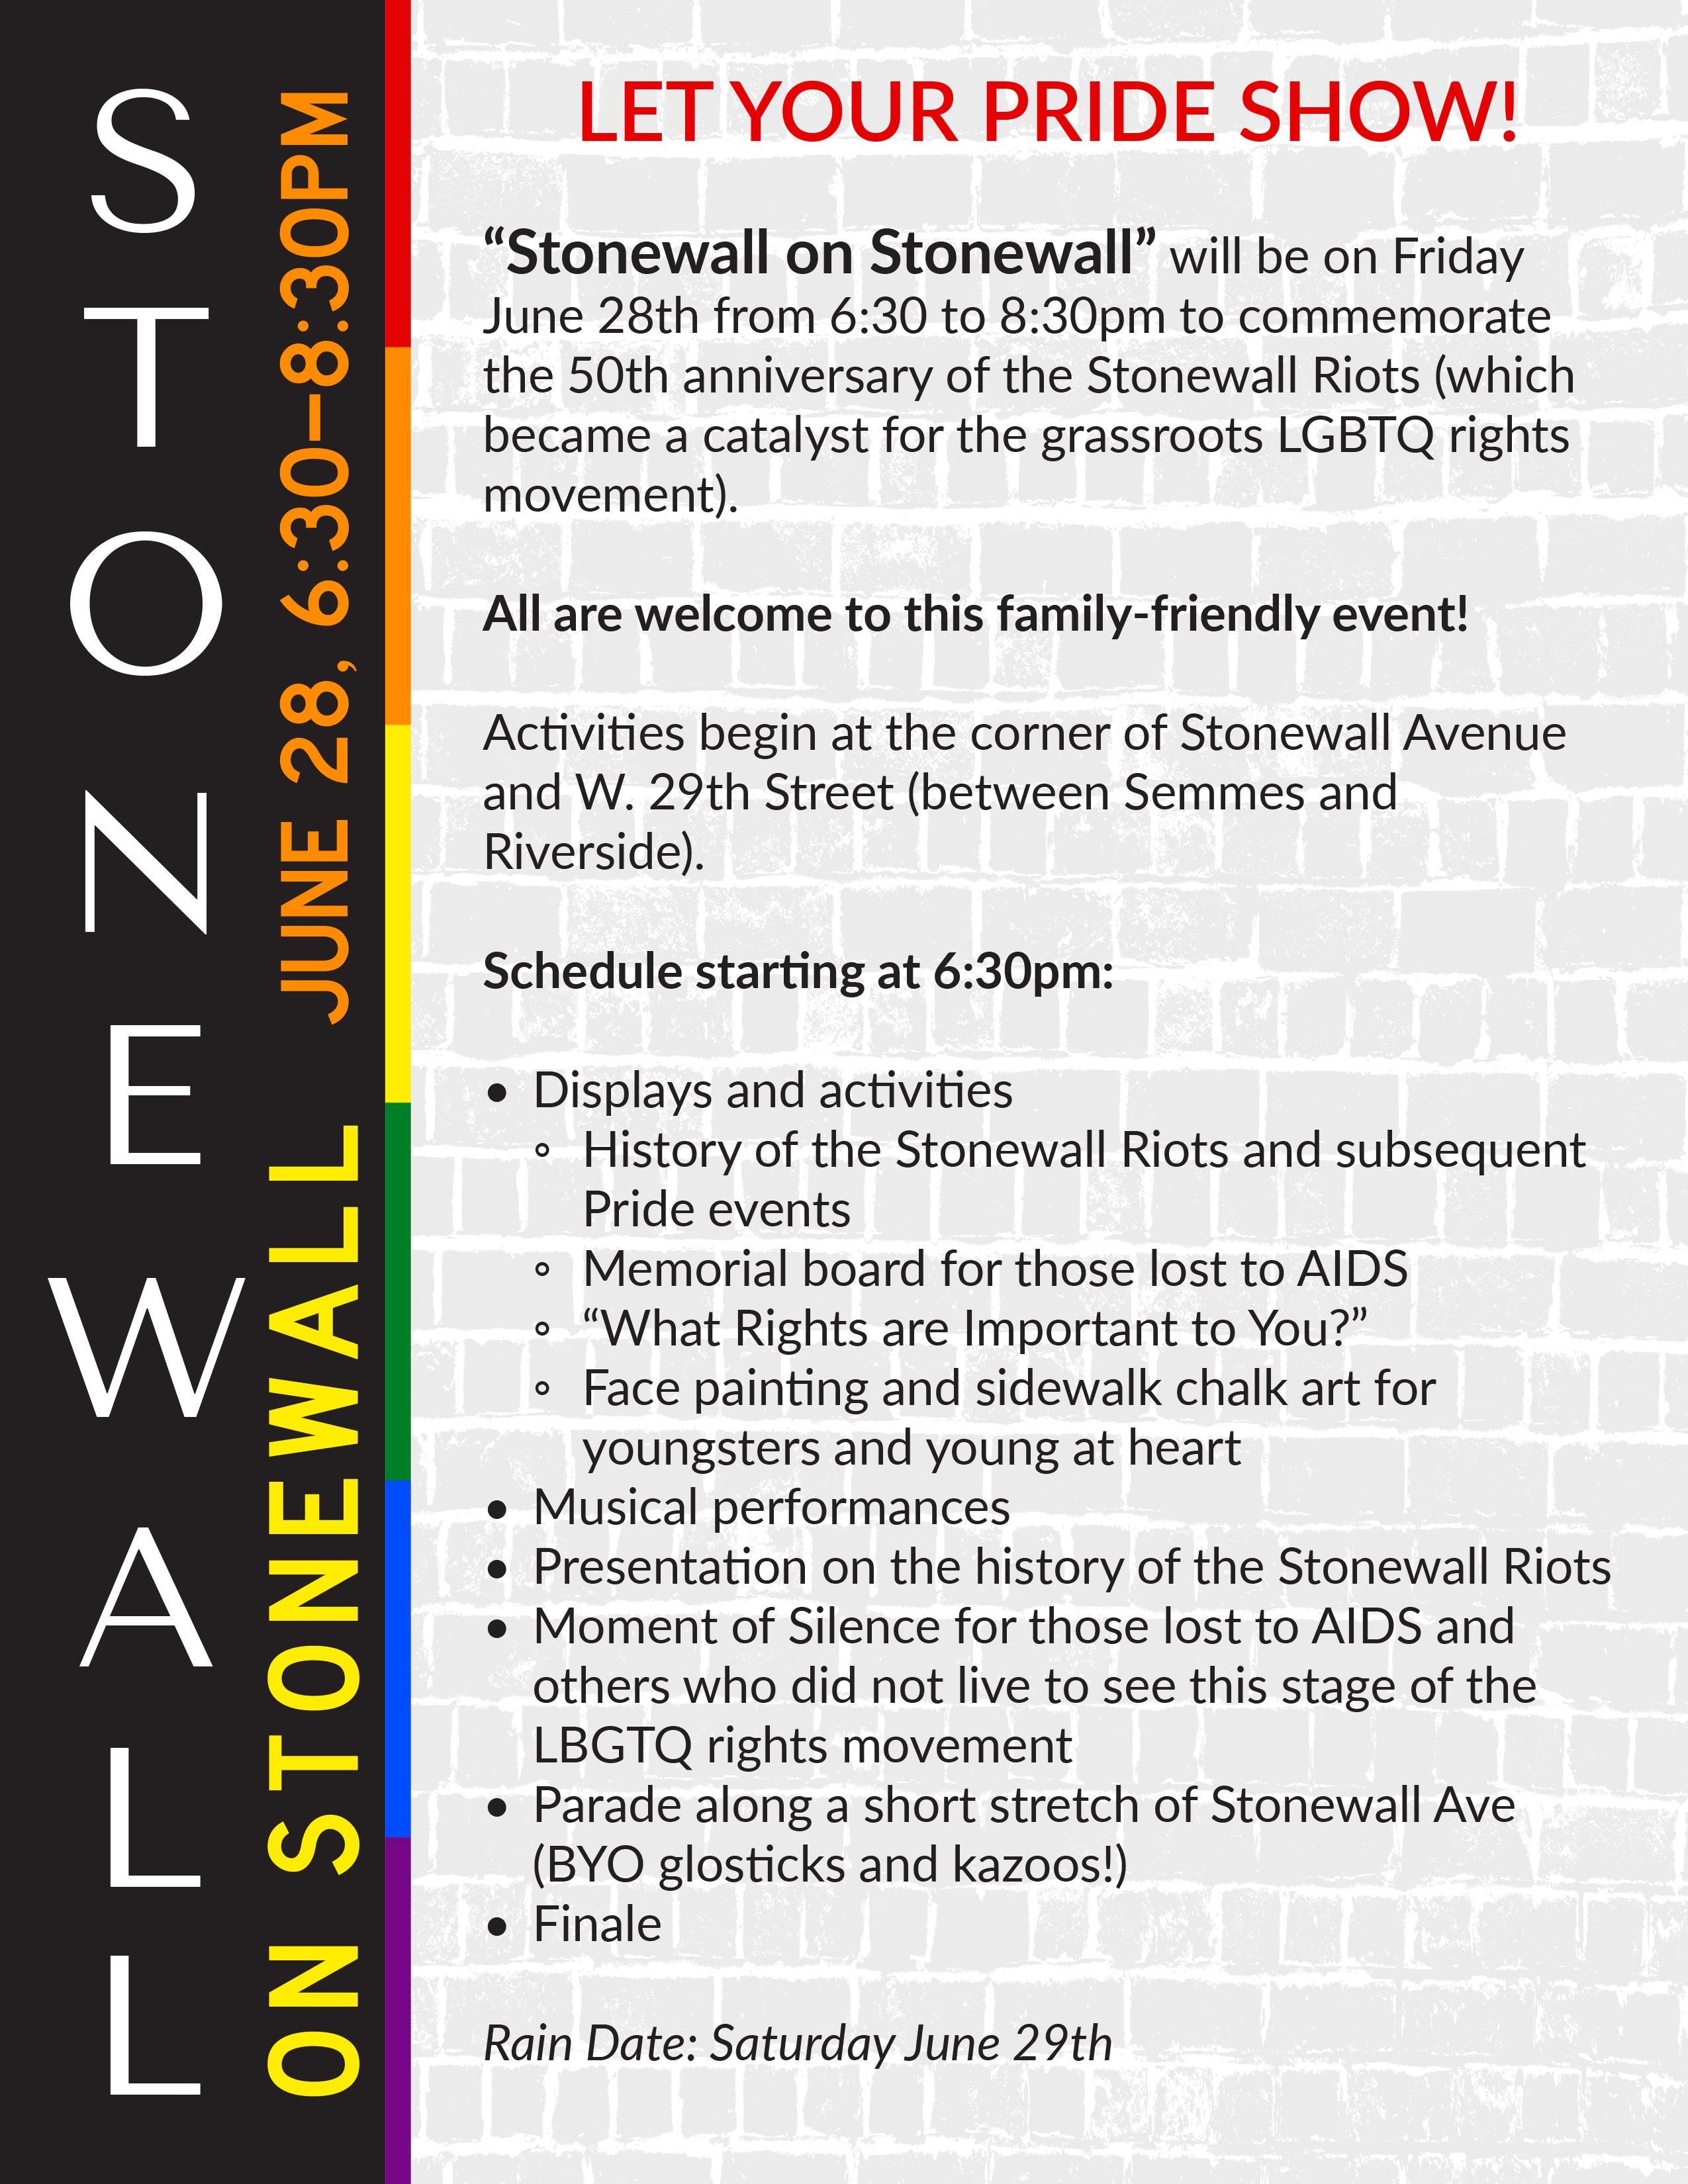 Stonewall on Stonewall